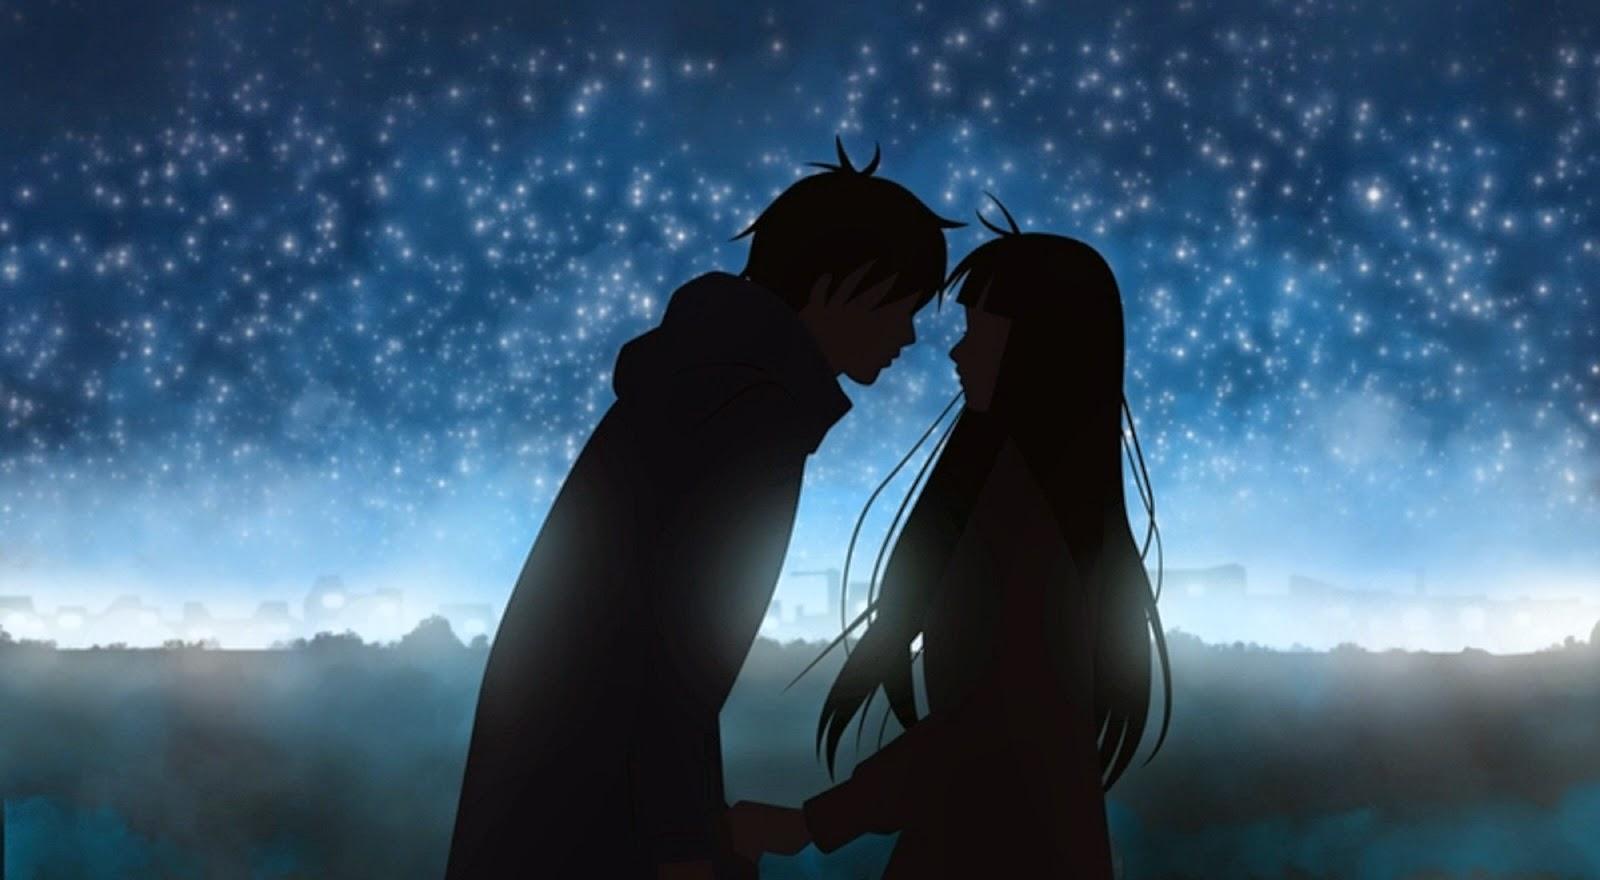 Winter Love Anime Wallpaper